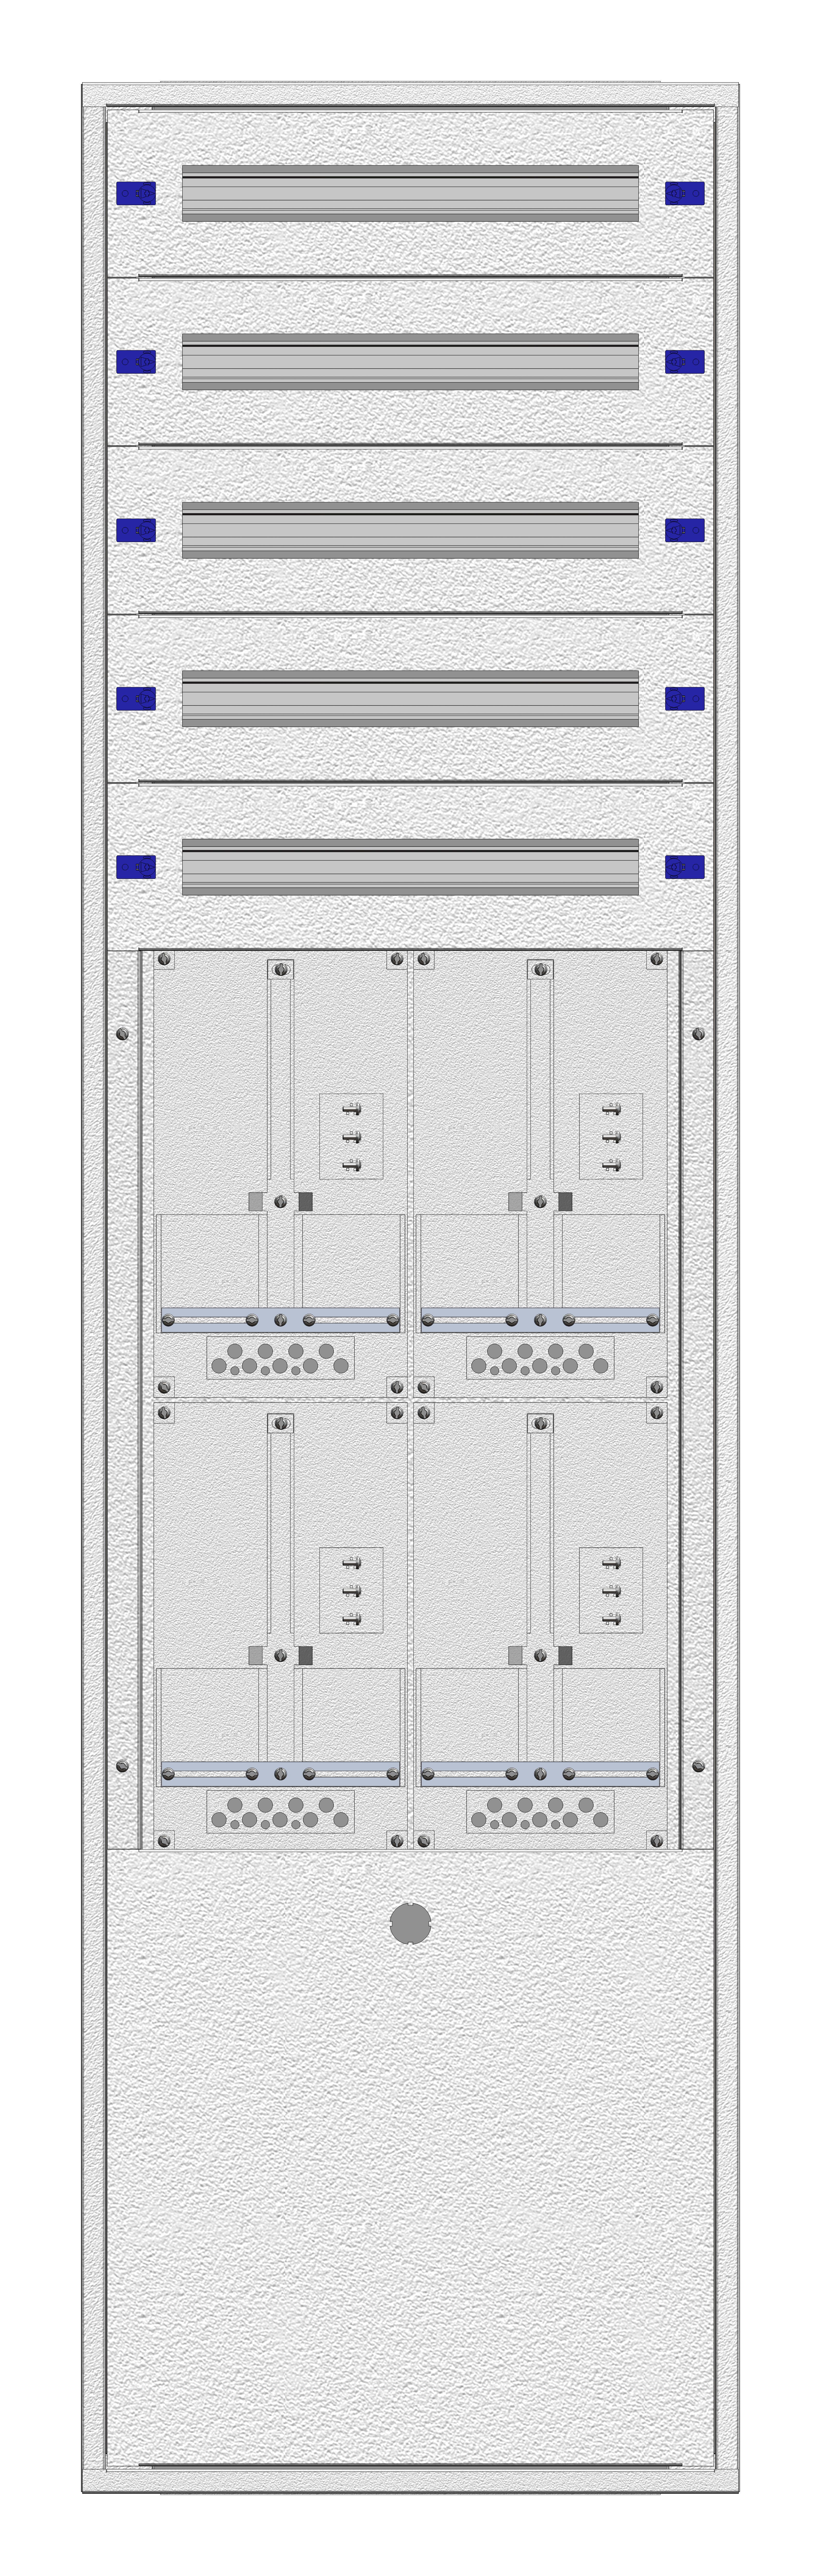 1 Stk Aufputz-Zählerverteiler 2A-42G/NOE 4ZP, H2025B590T250mm IL162242NS